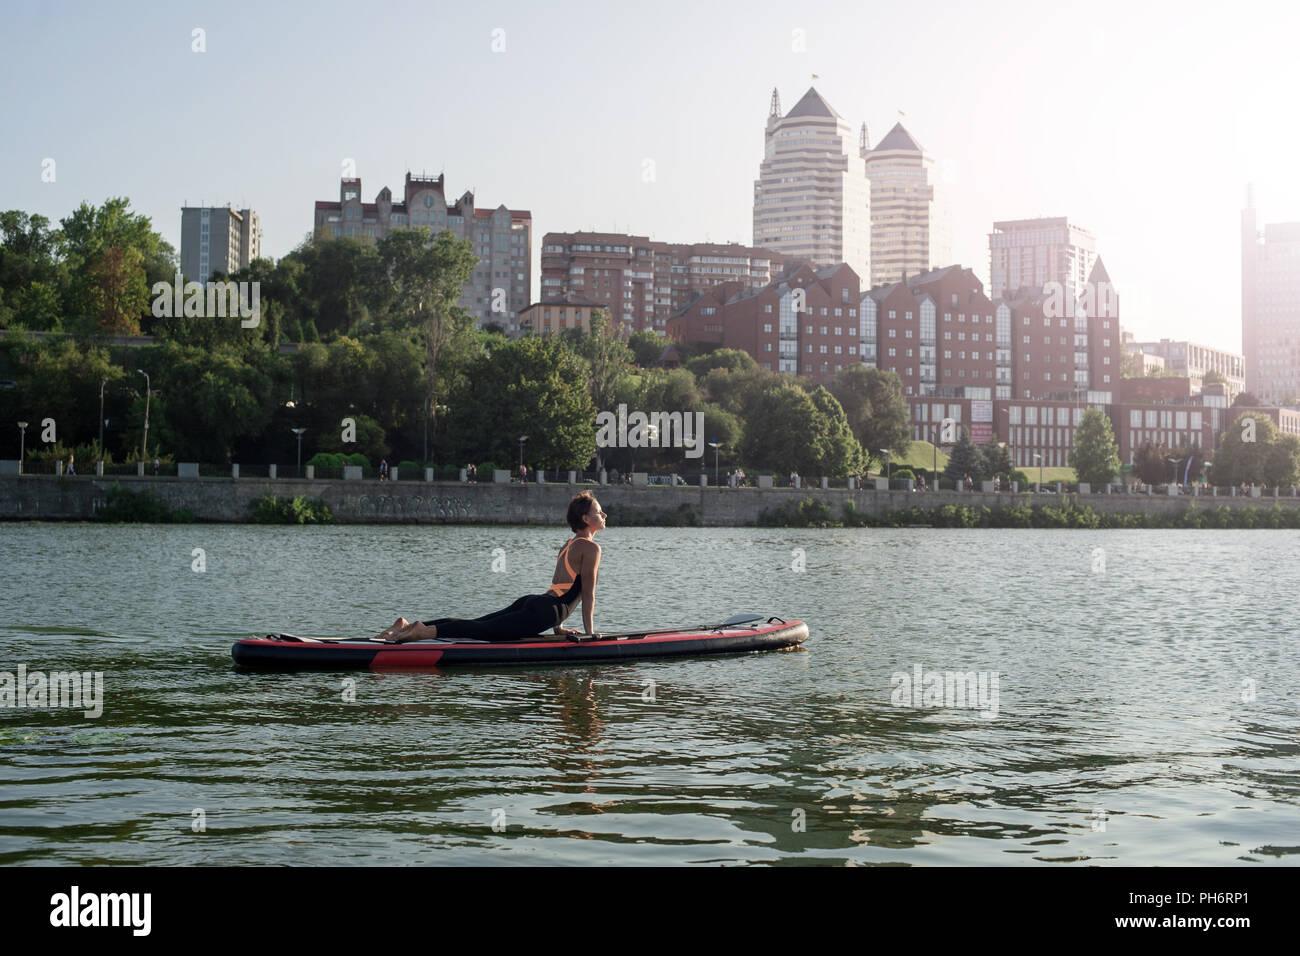 Lo yoga sul sup board, silhouette di donna sulla spiaggia Immagini Stock